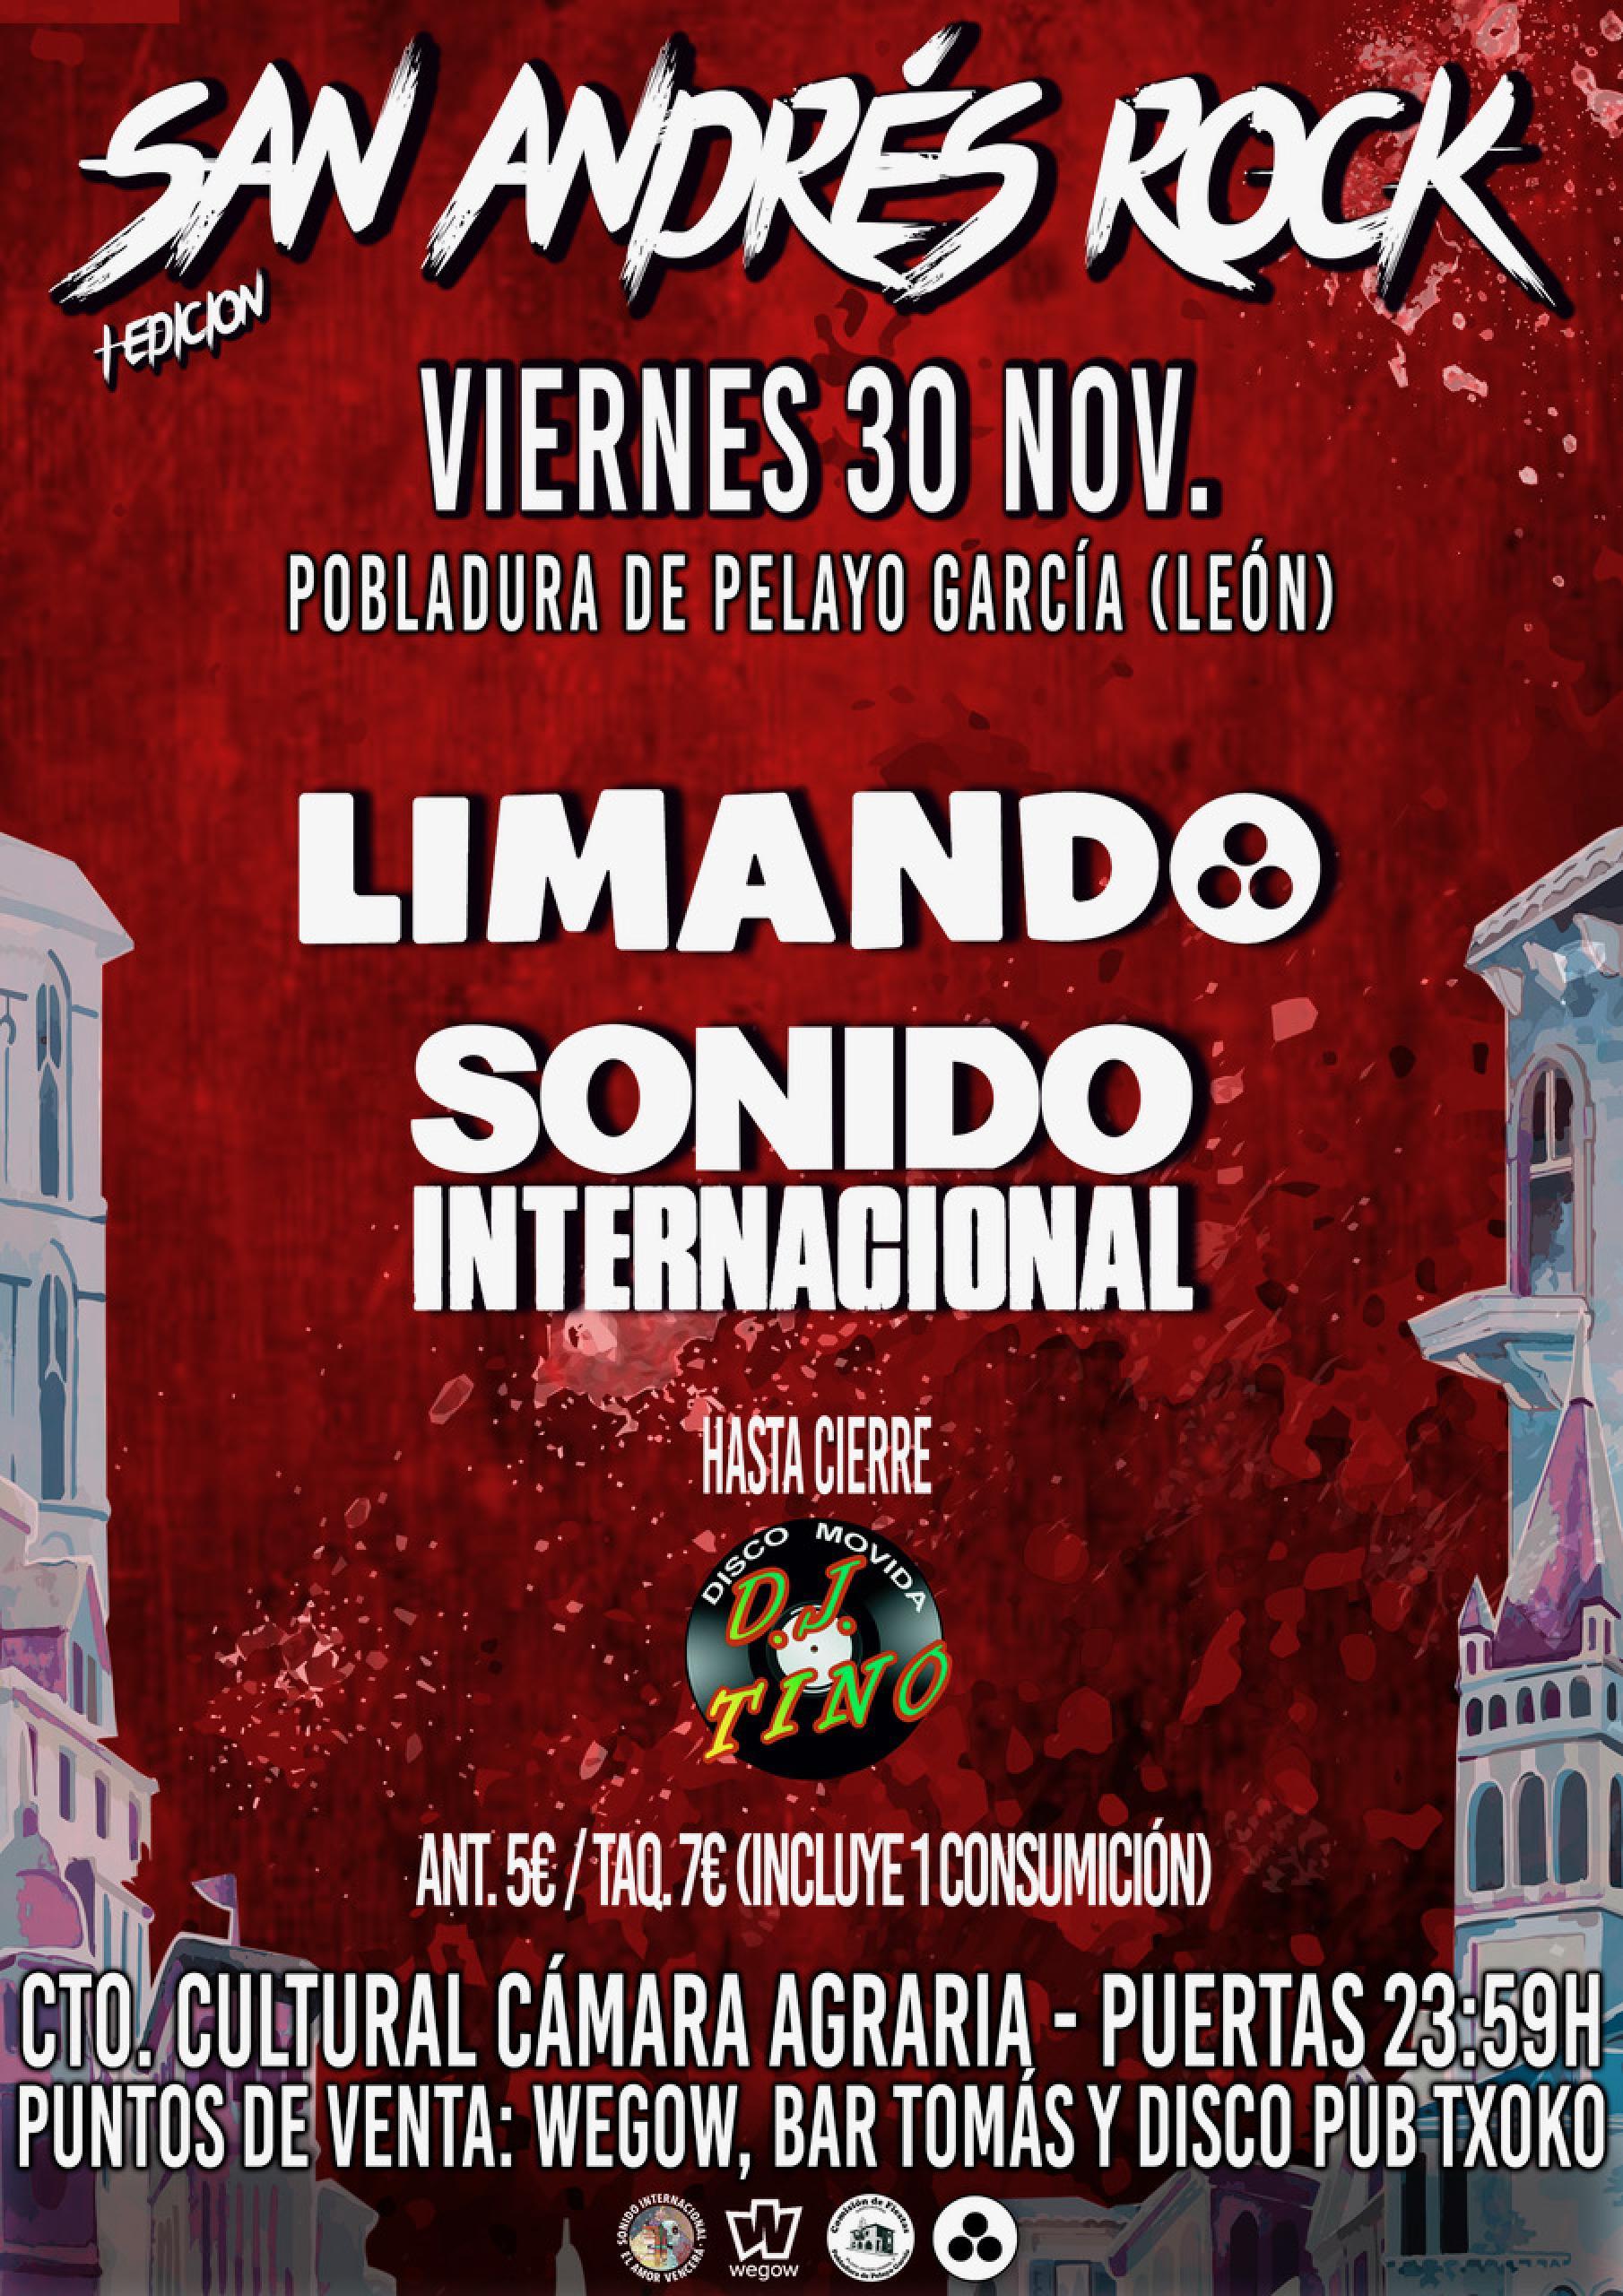 LIMANDO Y SONIDO INTERNACIONAL